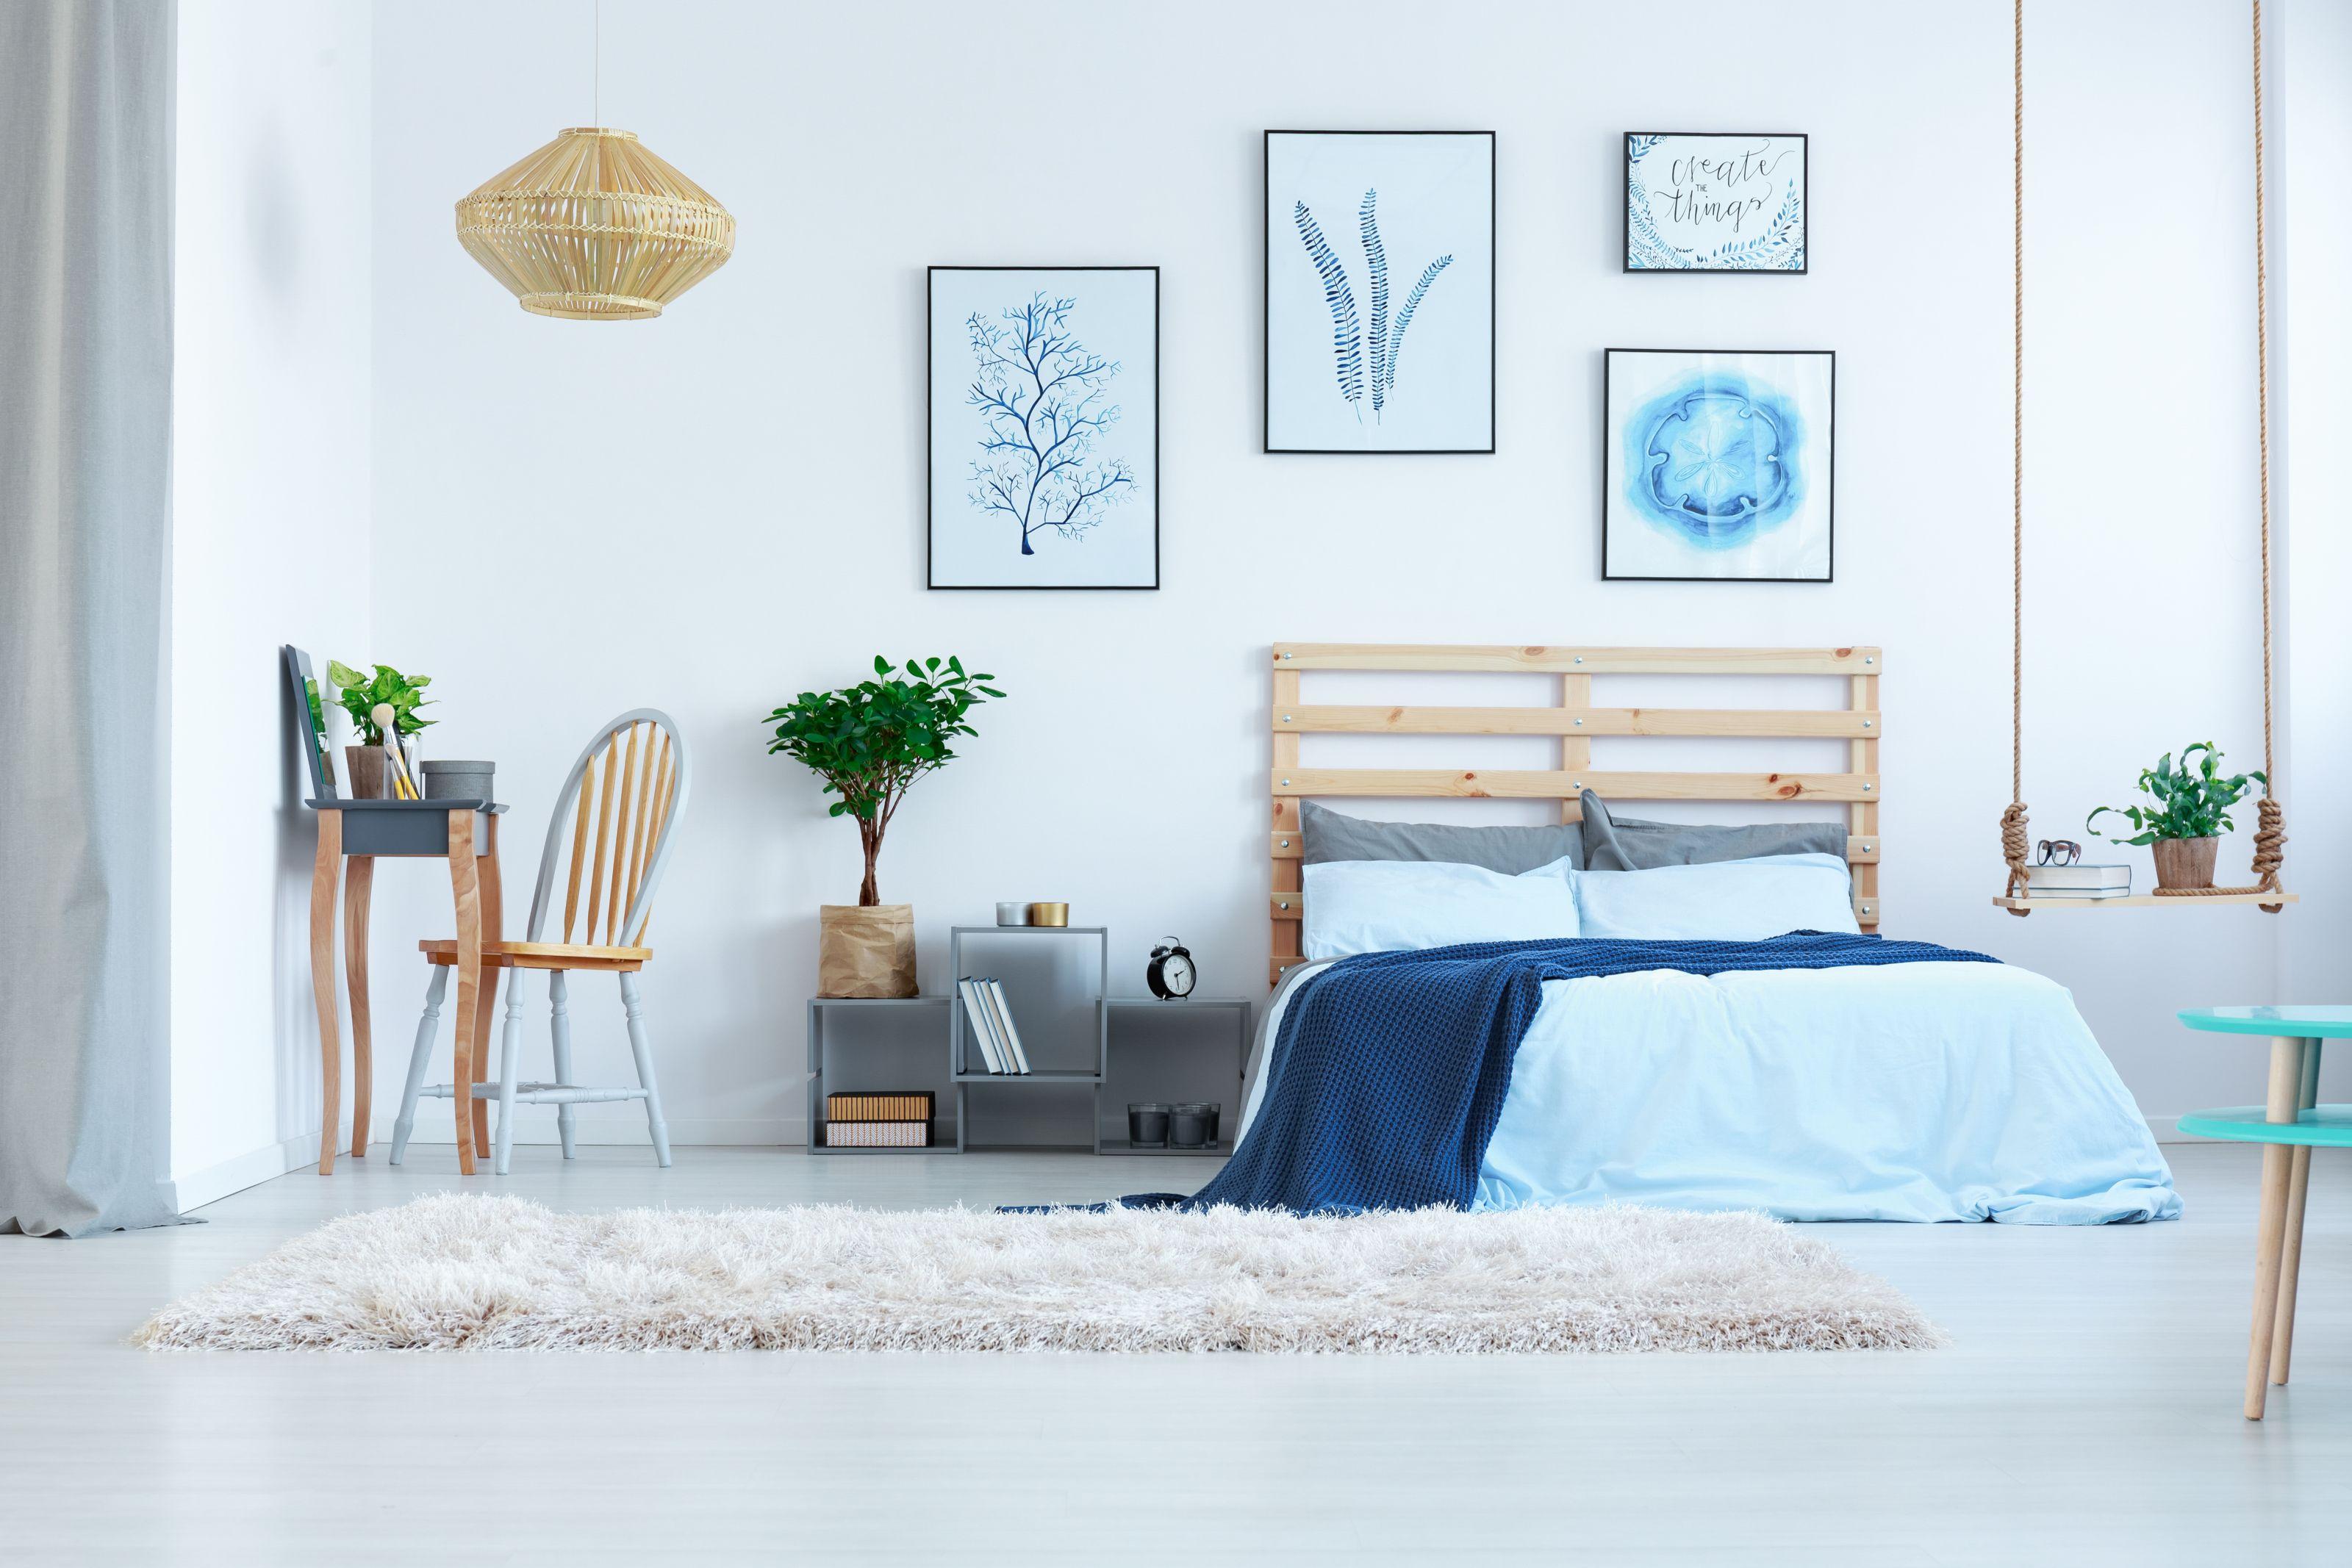 Sypialnia inspiracje toaletka z lusterkiem grafitowa rośliny obrazy stolik